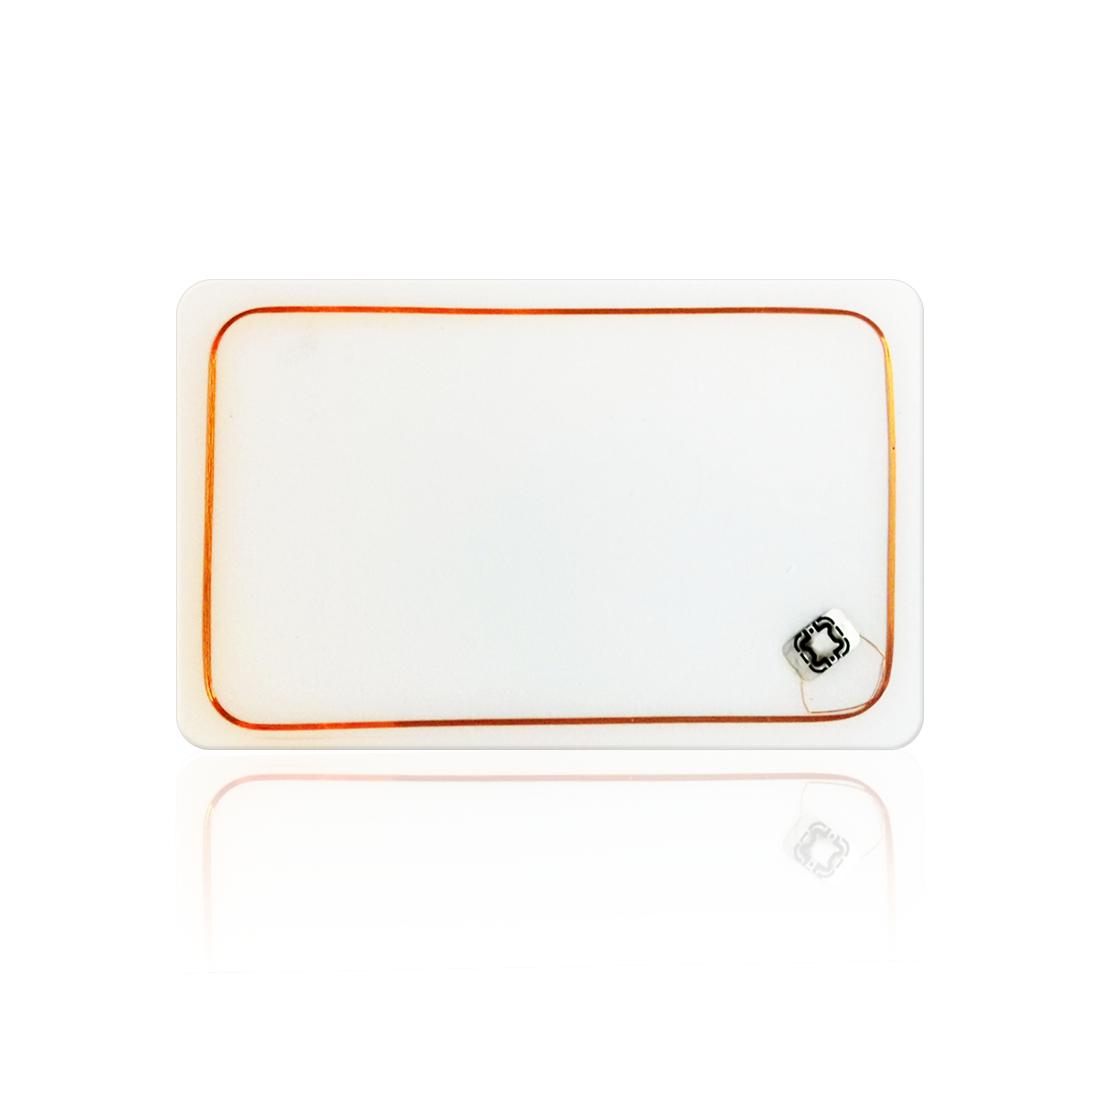 PVC cards NXP Mifare Desfire EV1 4k (500pcs)